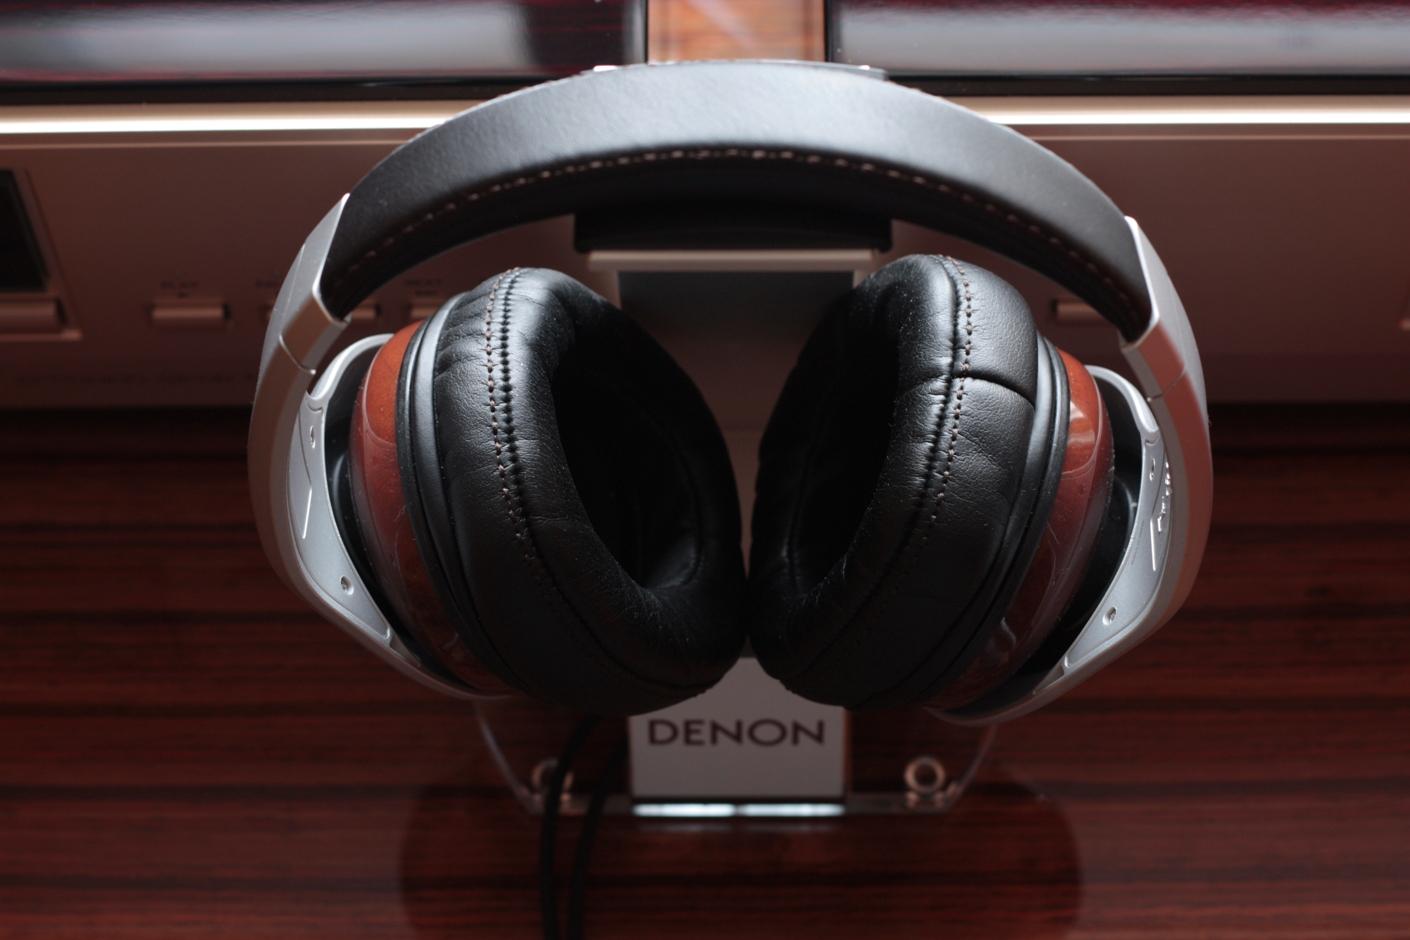 Recenzja: Denon AH-D7100 - Strona 5 z 9